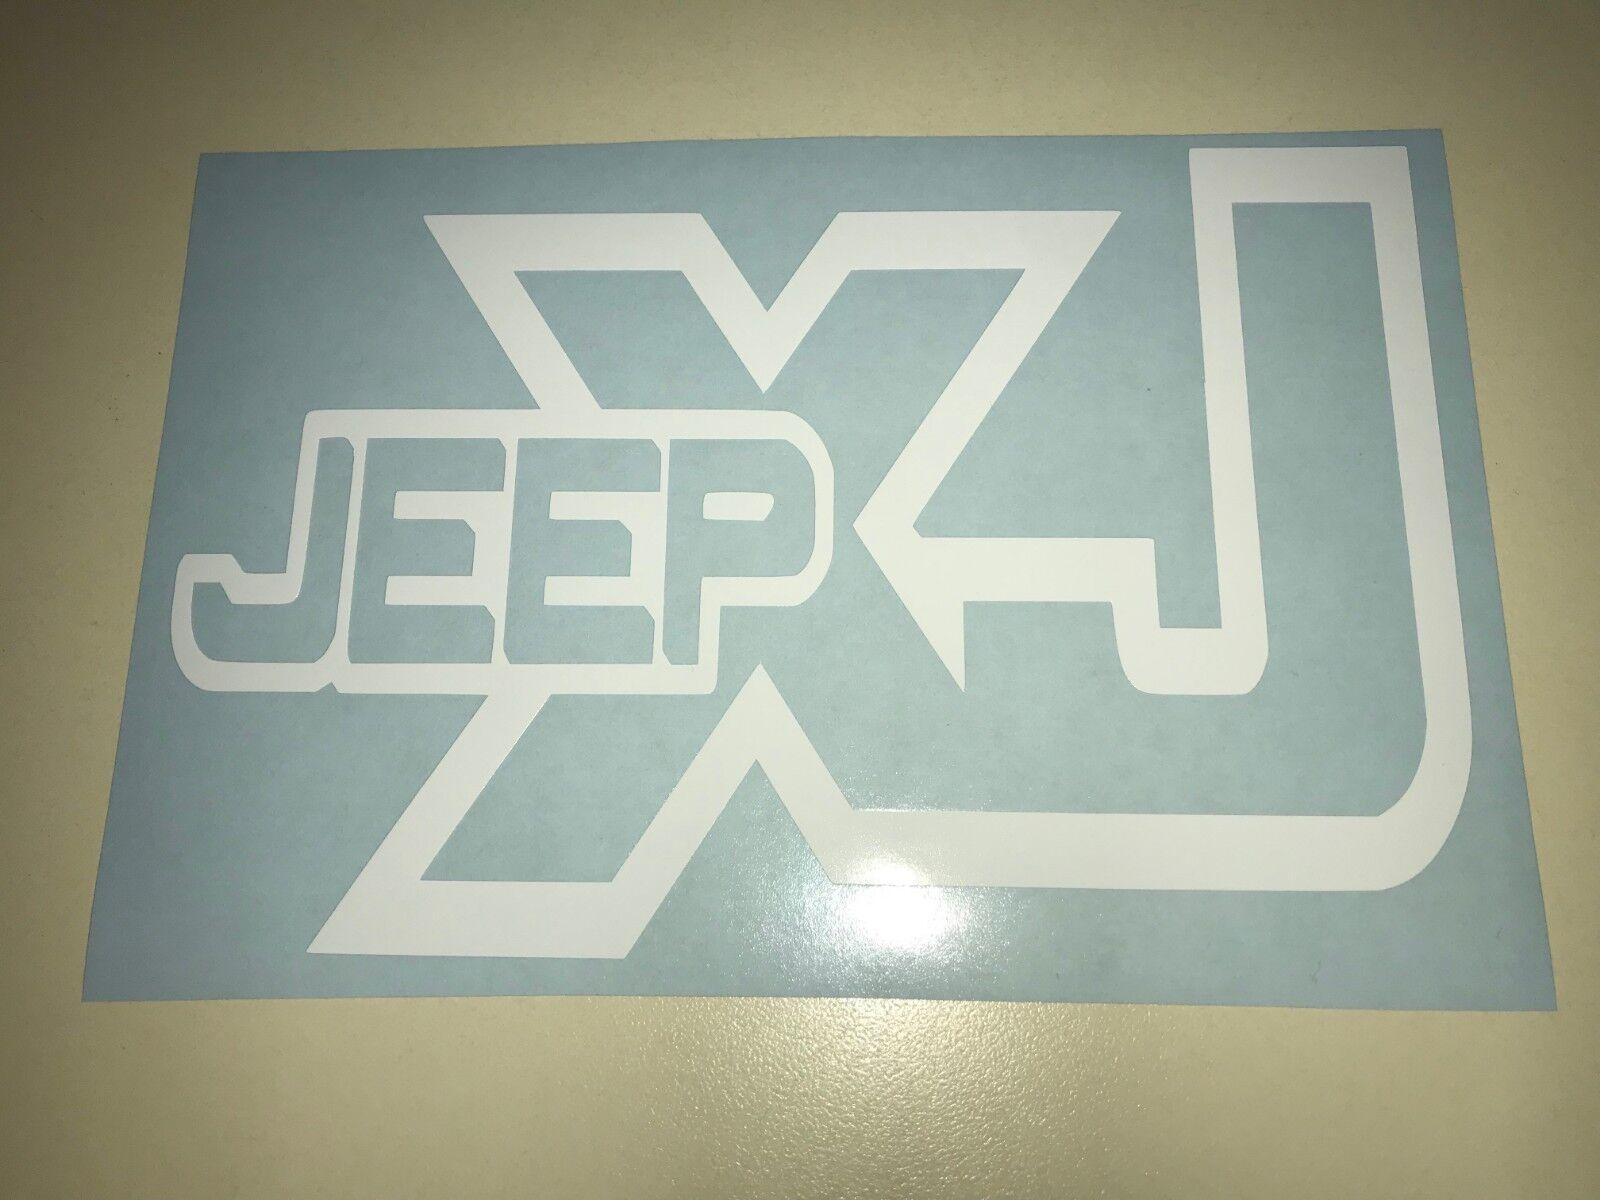 Window Toolbox Stickers #995 Jeep XJ Sticker